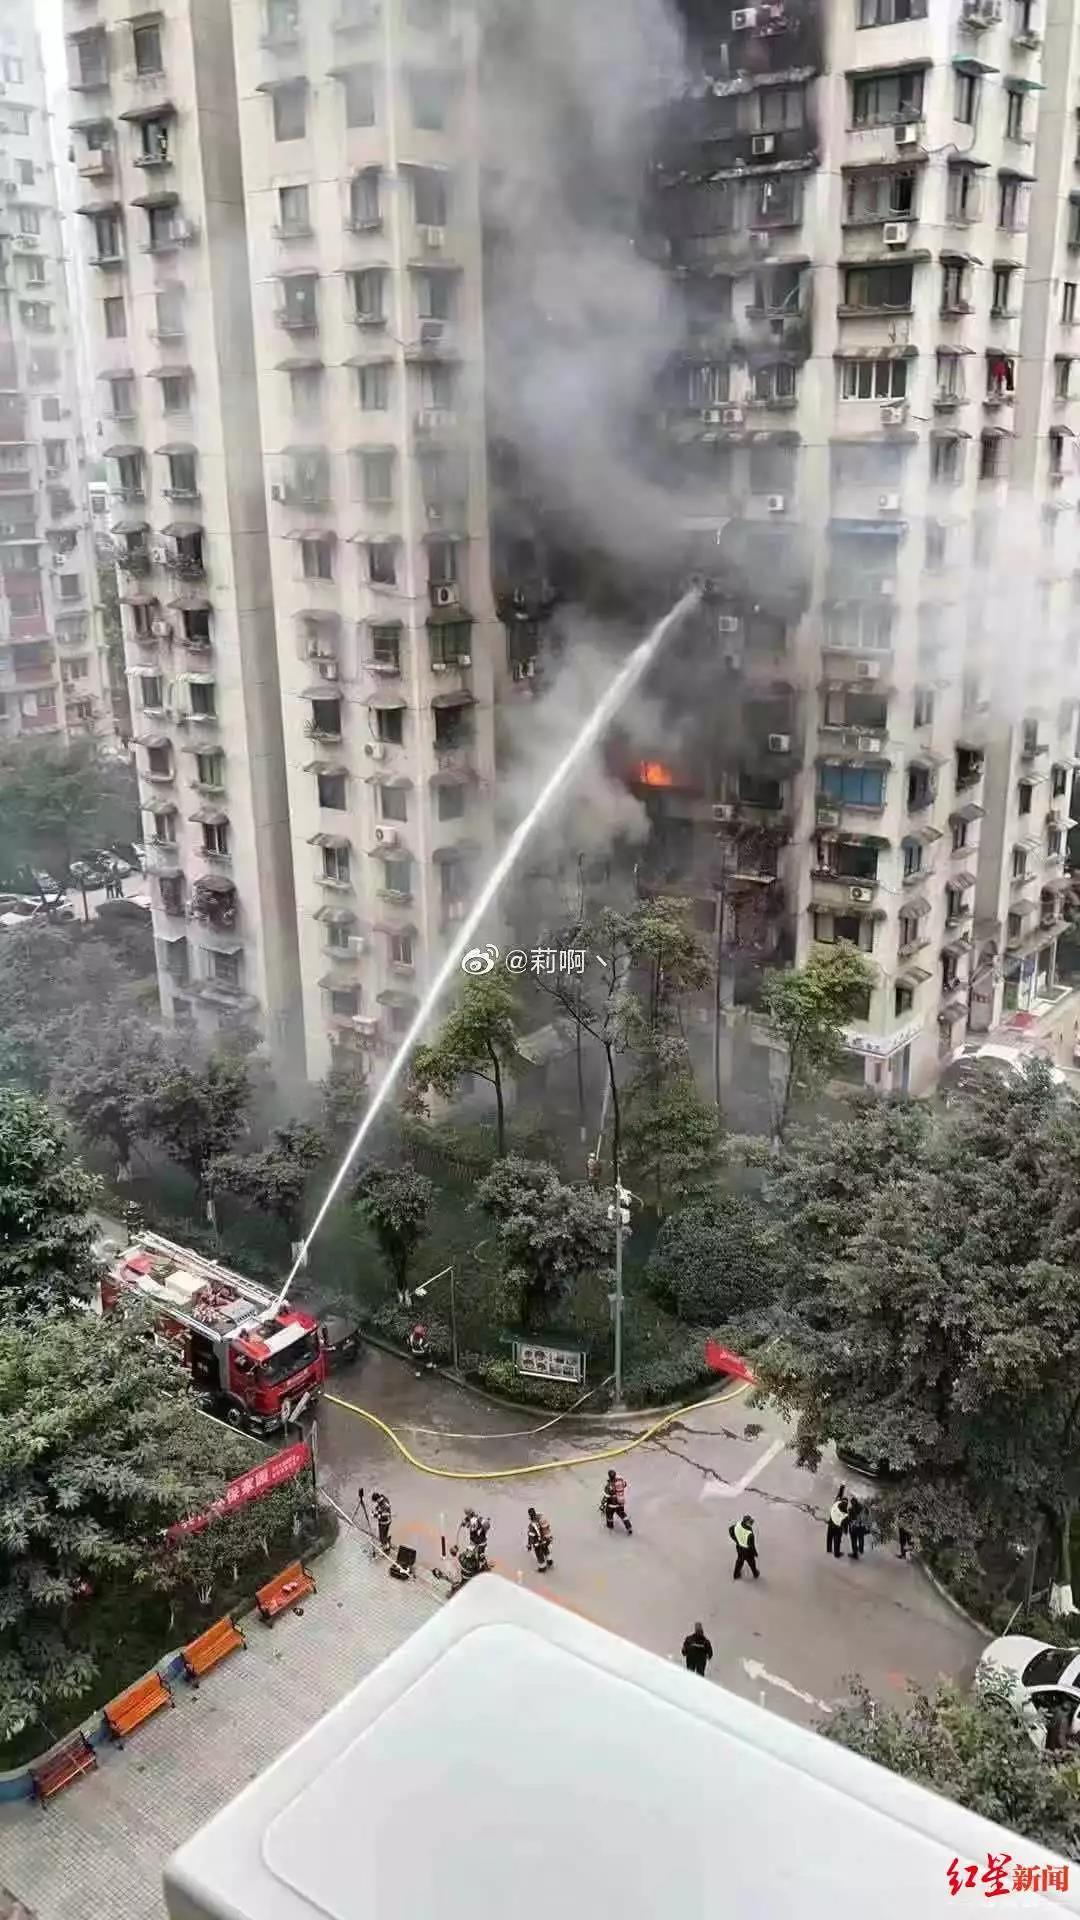 一居民樓起火,目擊者稱從樓底燒到樓頂!眾人掀翻堵路車騰出消防通道